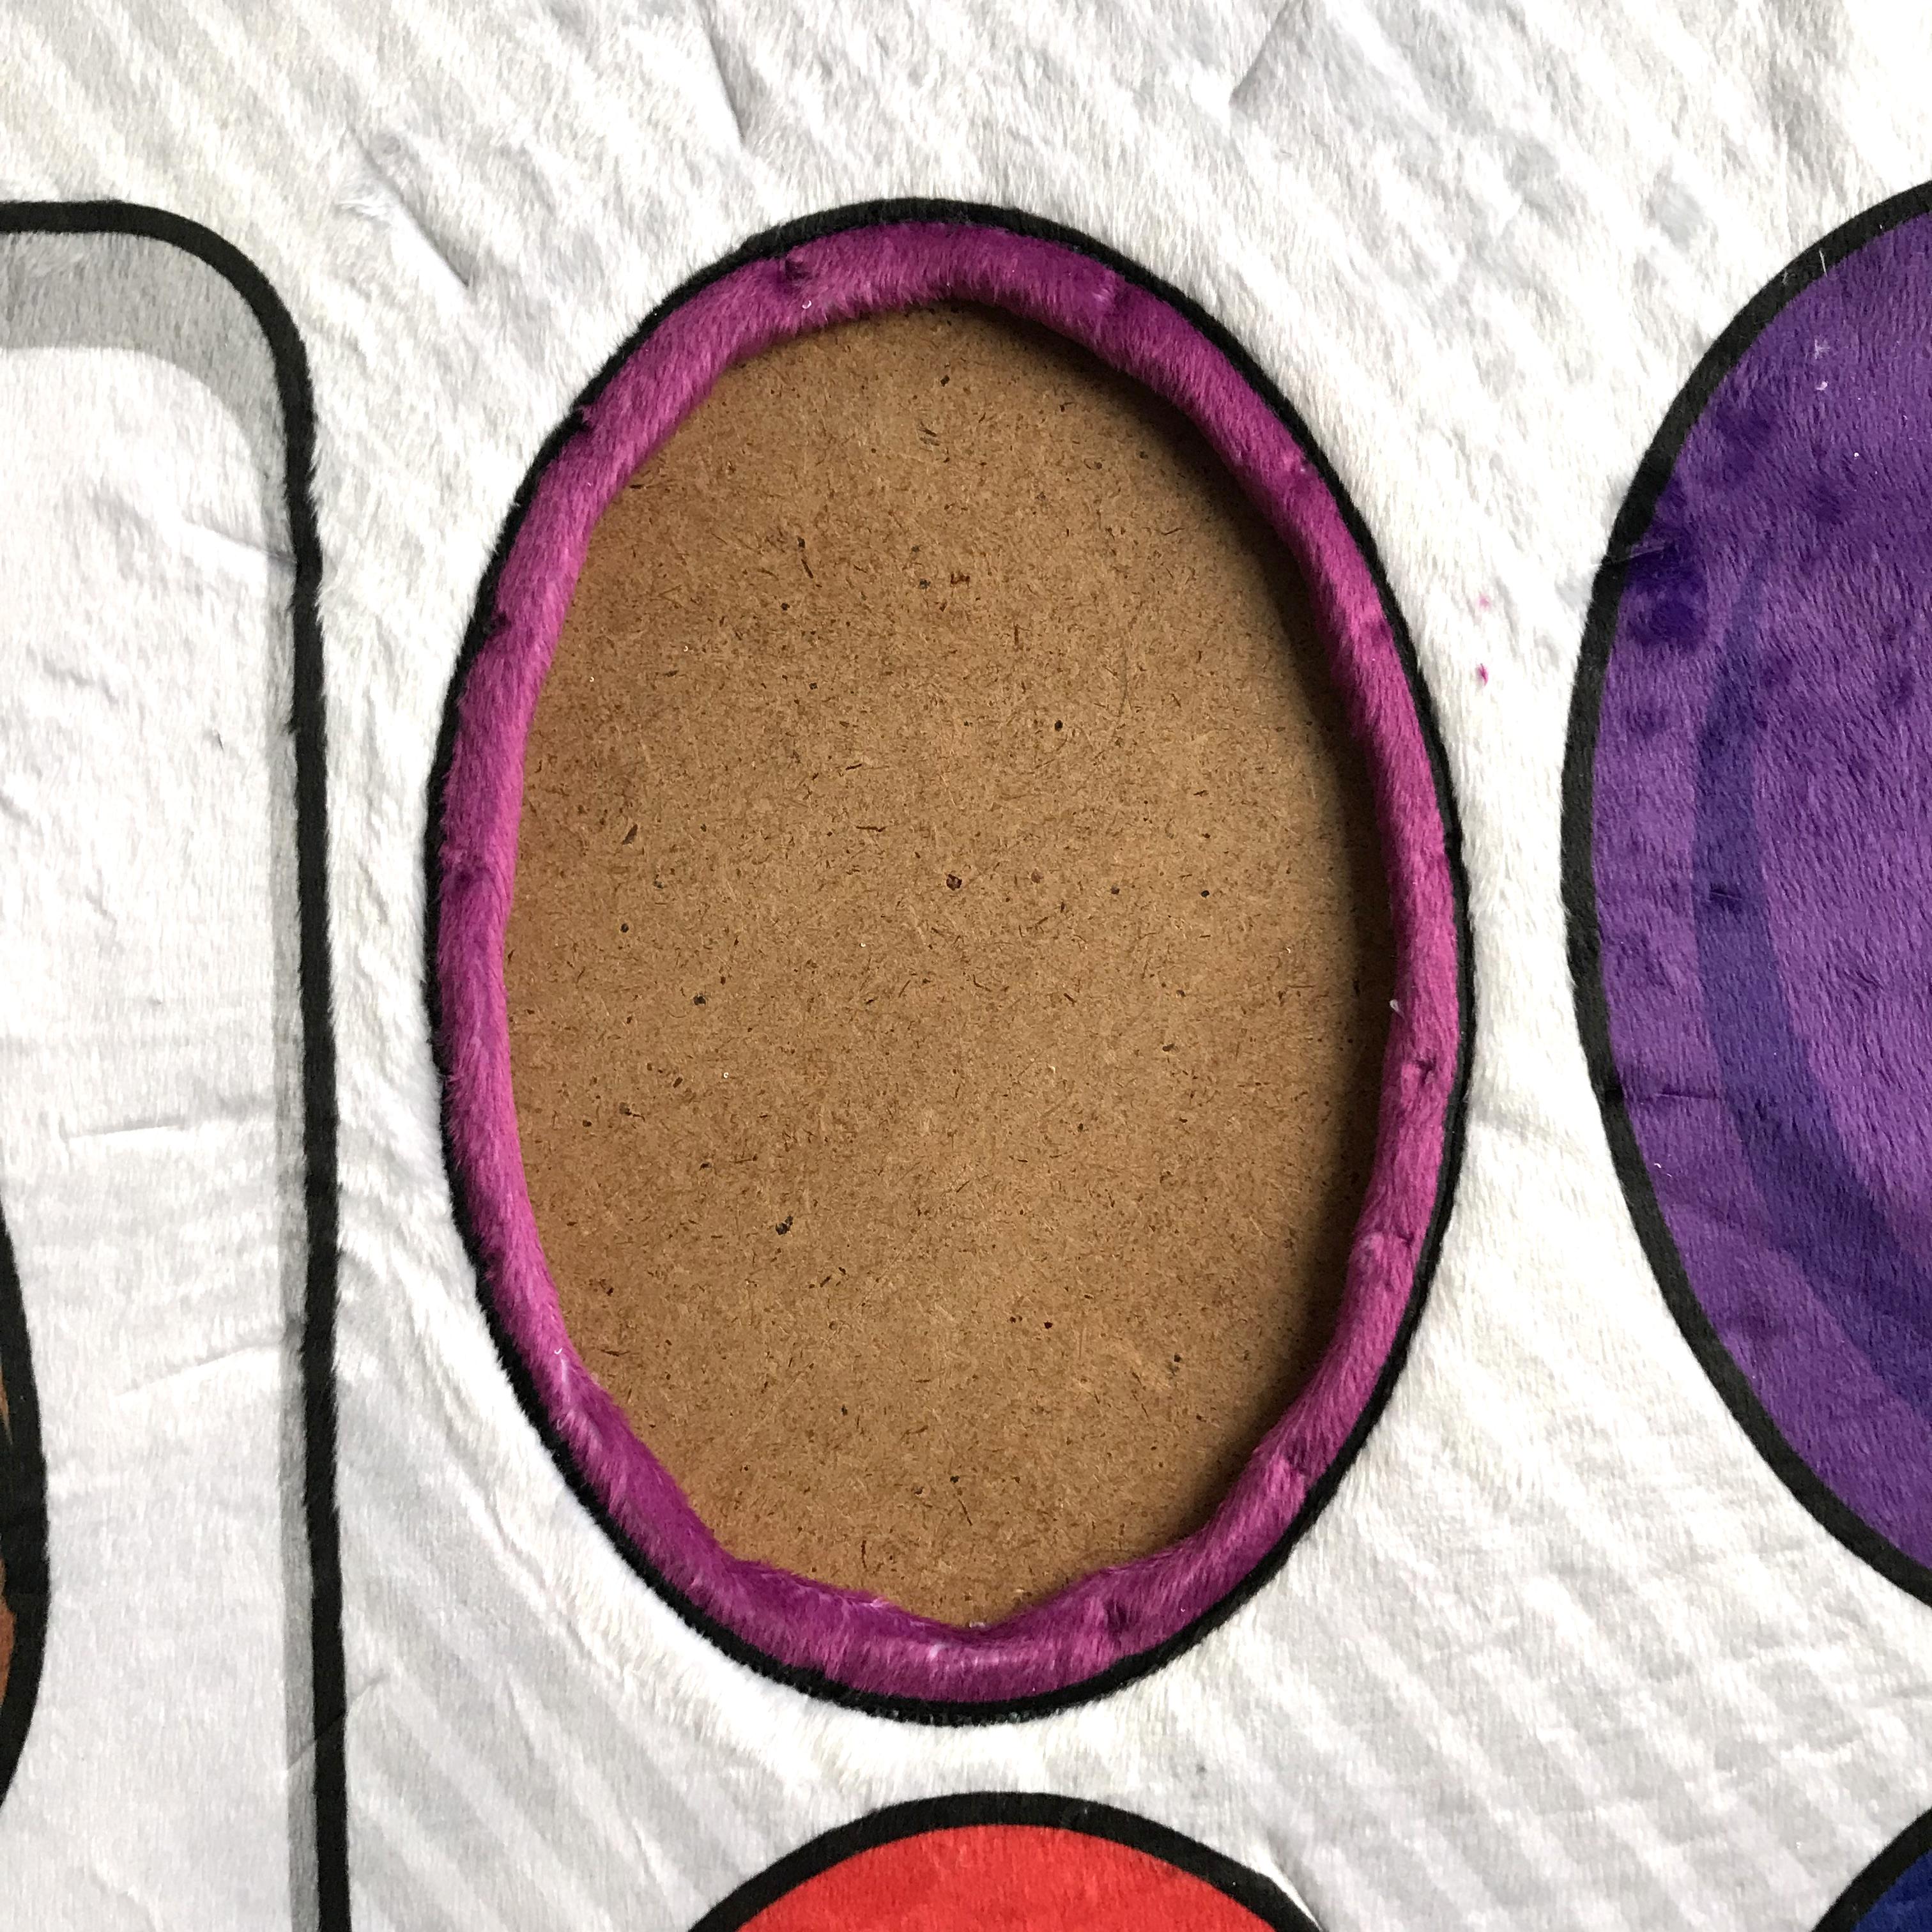 Nähanleitung Faschingskostüm für Kinder: ein Künstler-Farbkasten